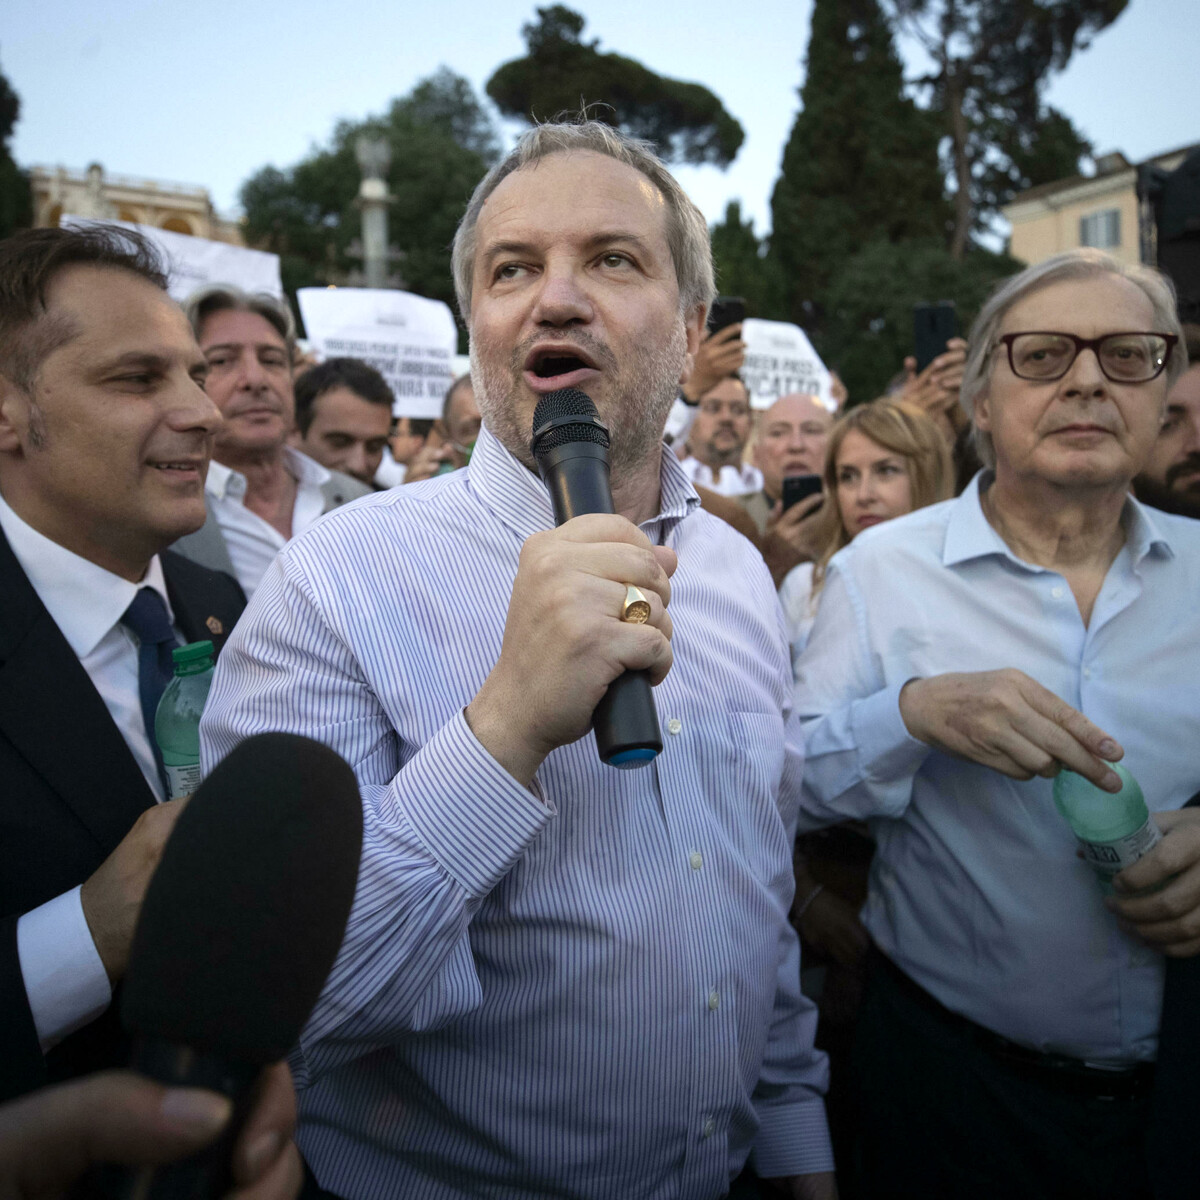 Il doppio gioco di Salvini: con la piazza no green pass tiene in ostaggio il governo